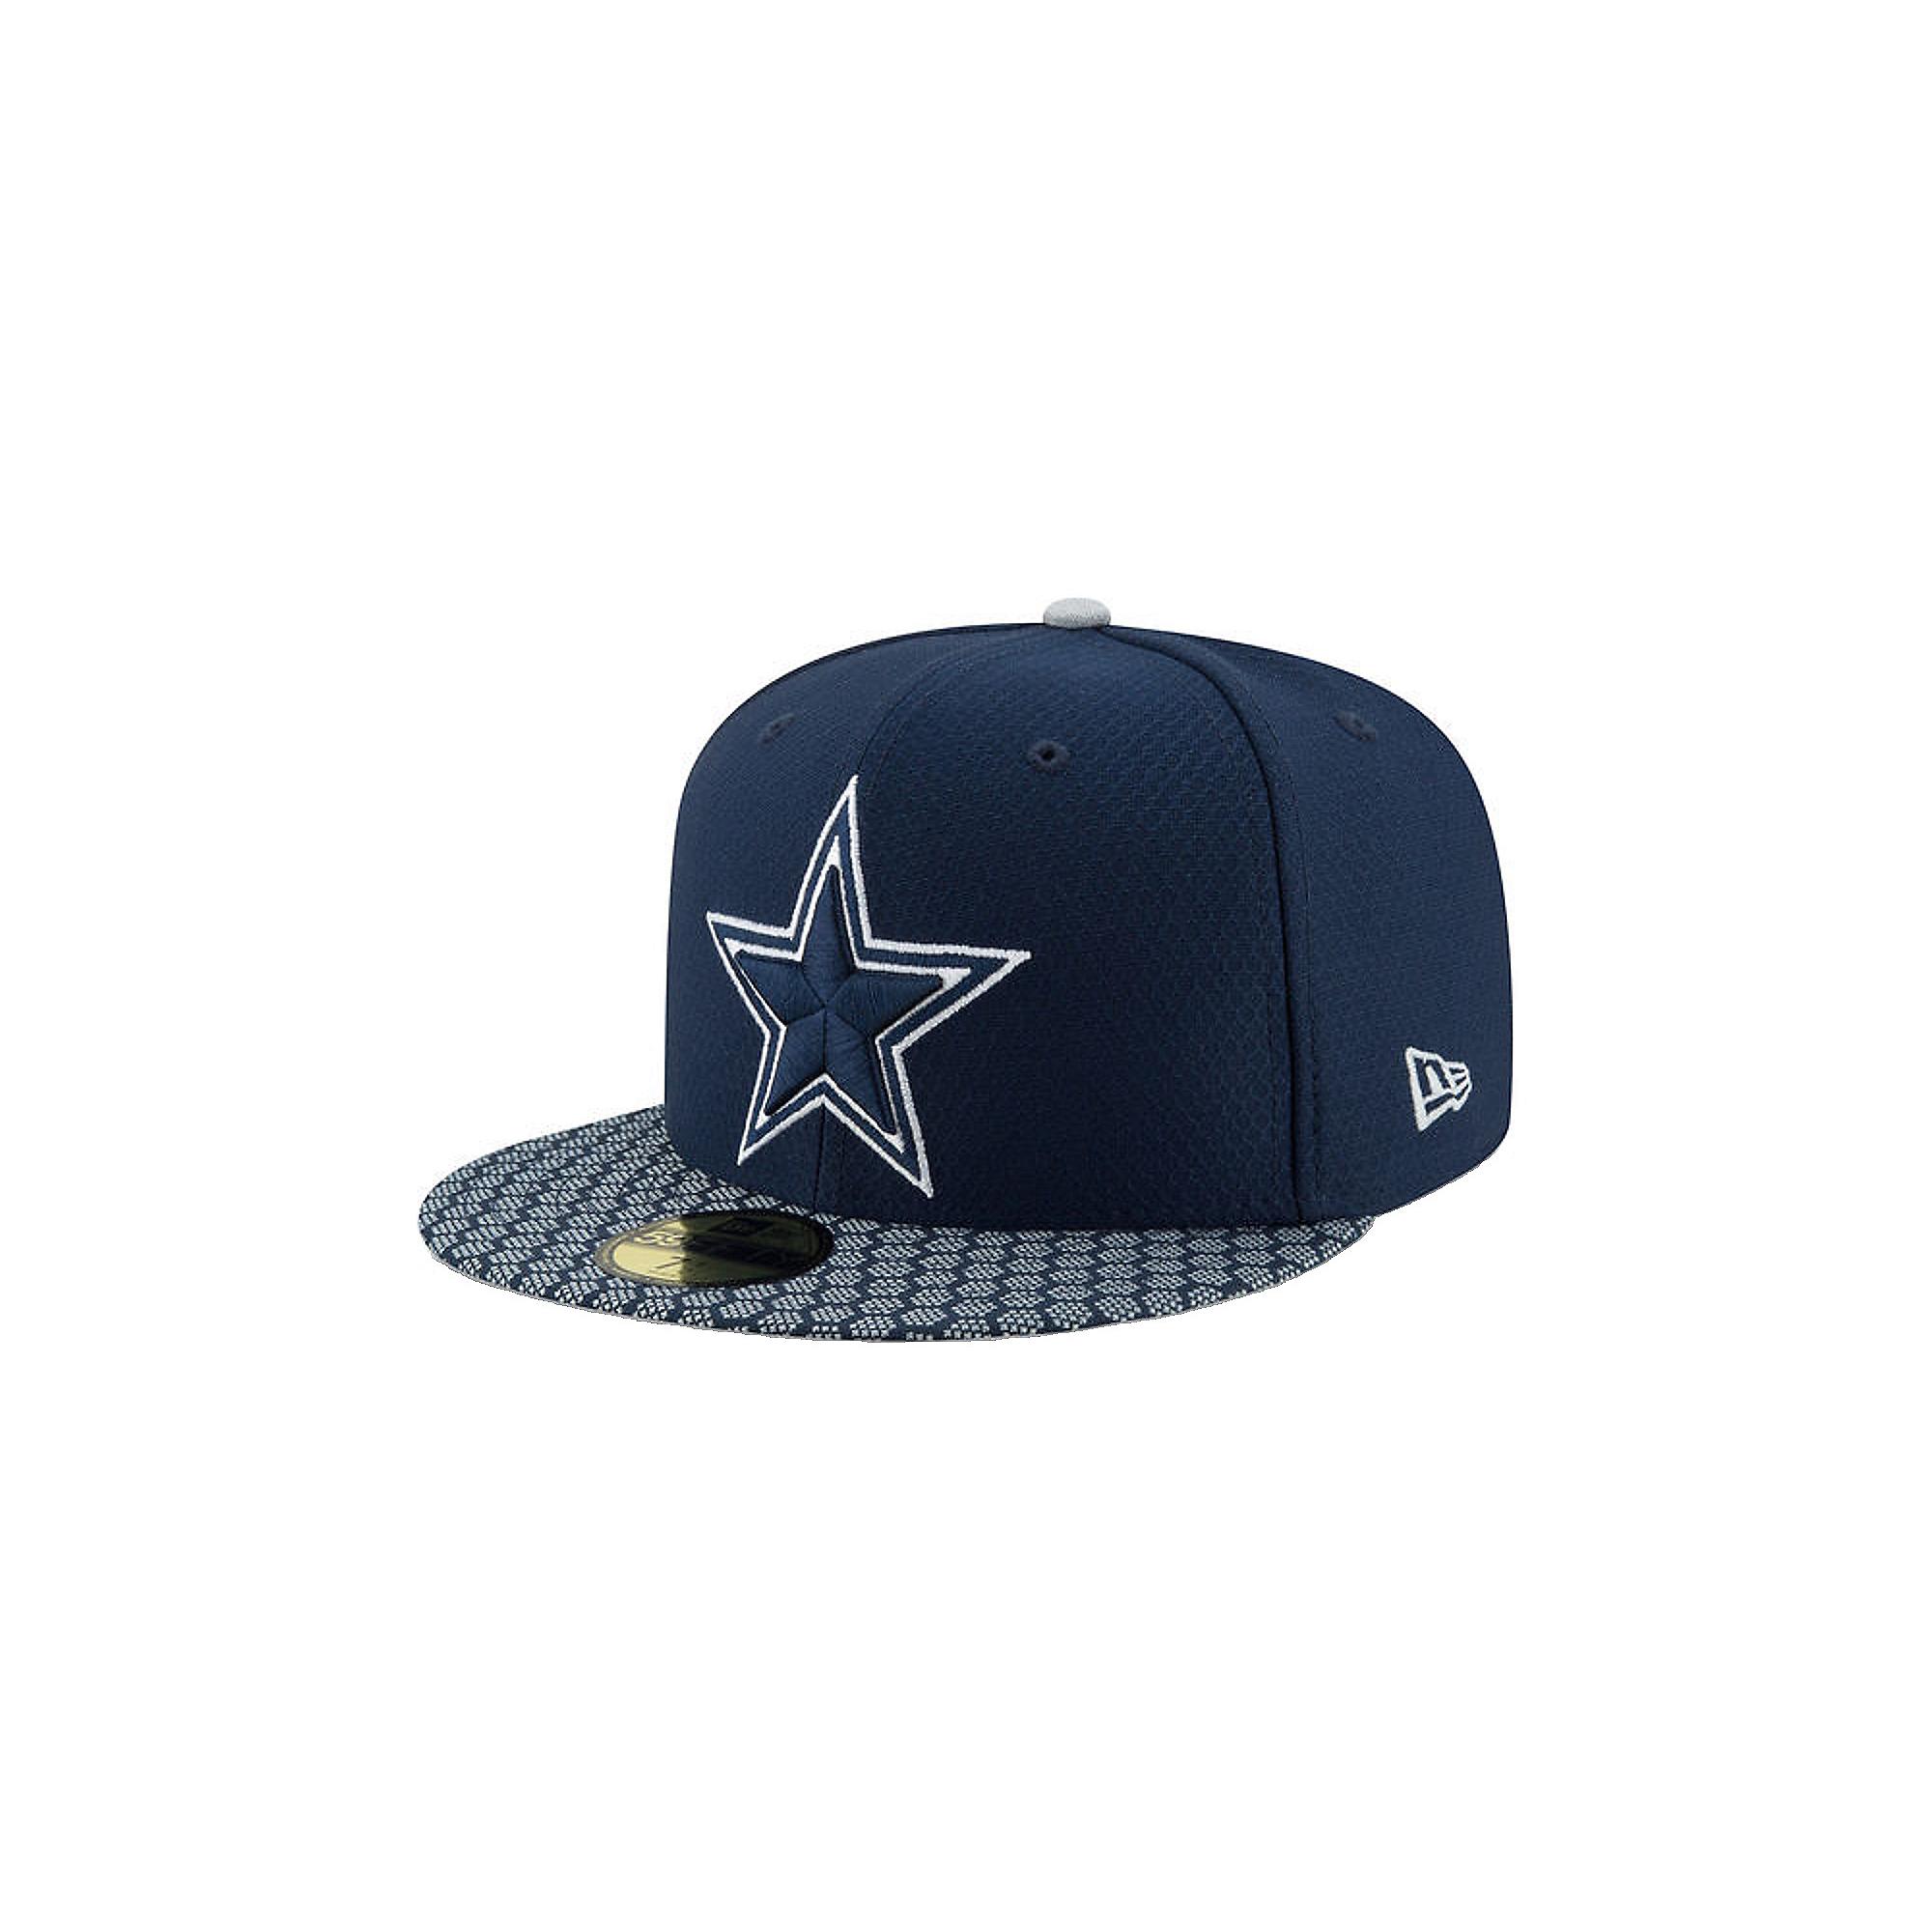 wholesale dealer 0d485 b454d Dallas Cowboys New Era Sideline 59Fifty Cap